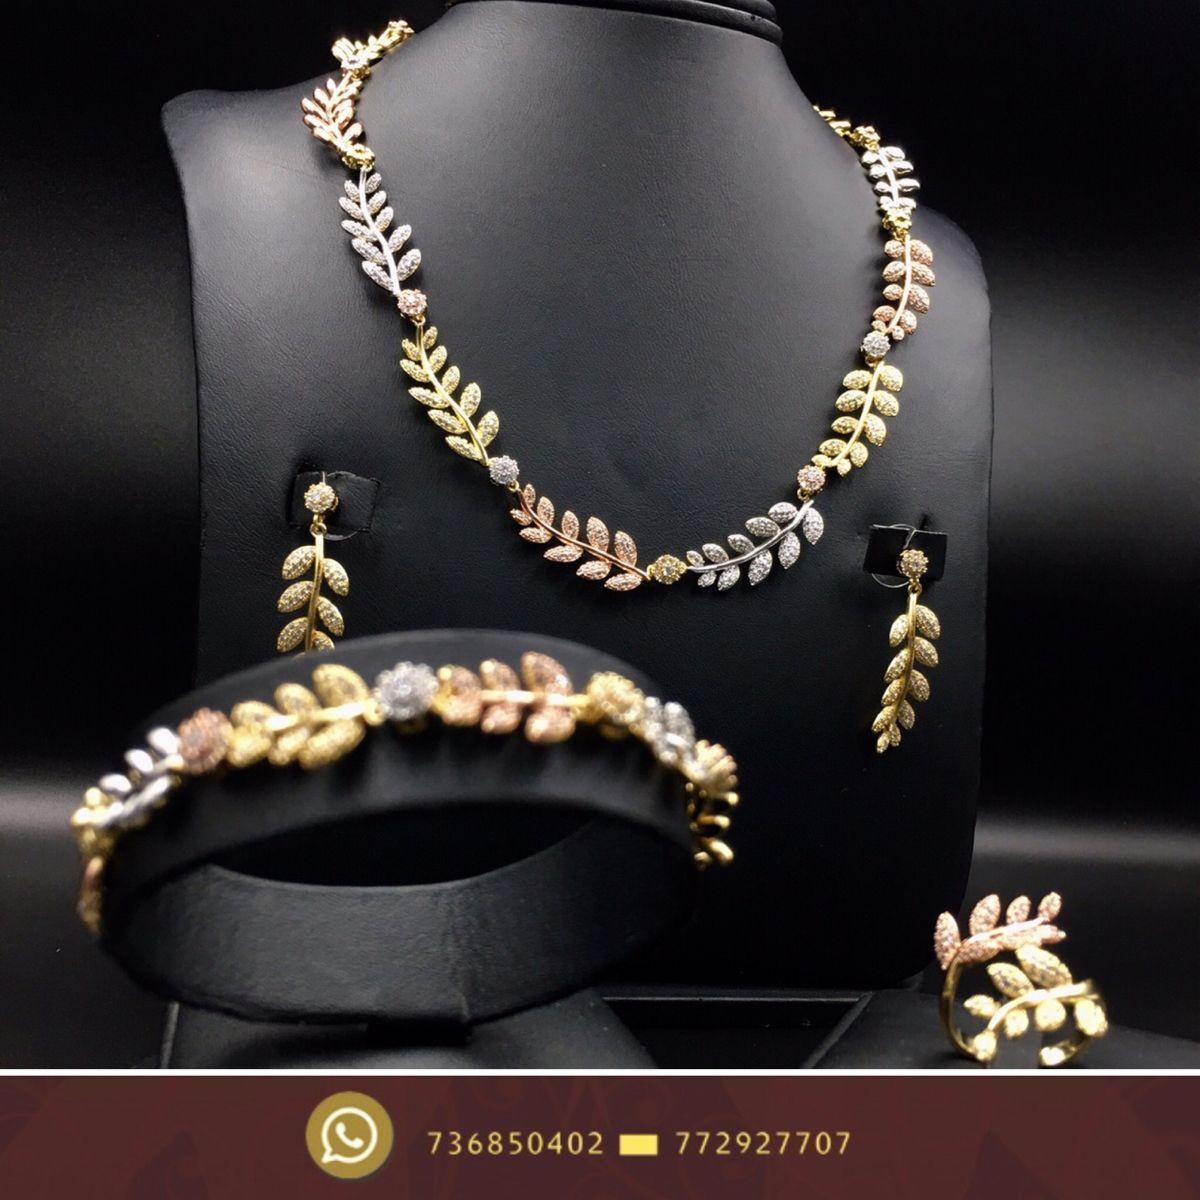 طقم نسائي اطقم اكسورات زركون فضة جديد صنعاء هداياء Jewelry Pearl Necklace Necklace